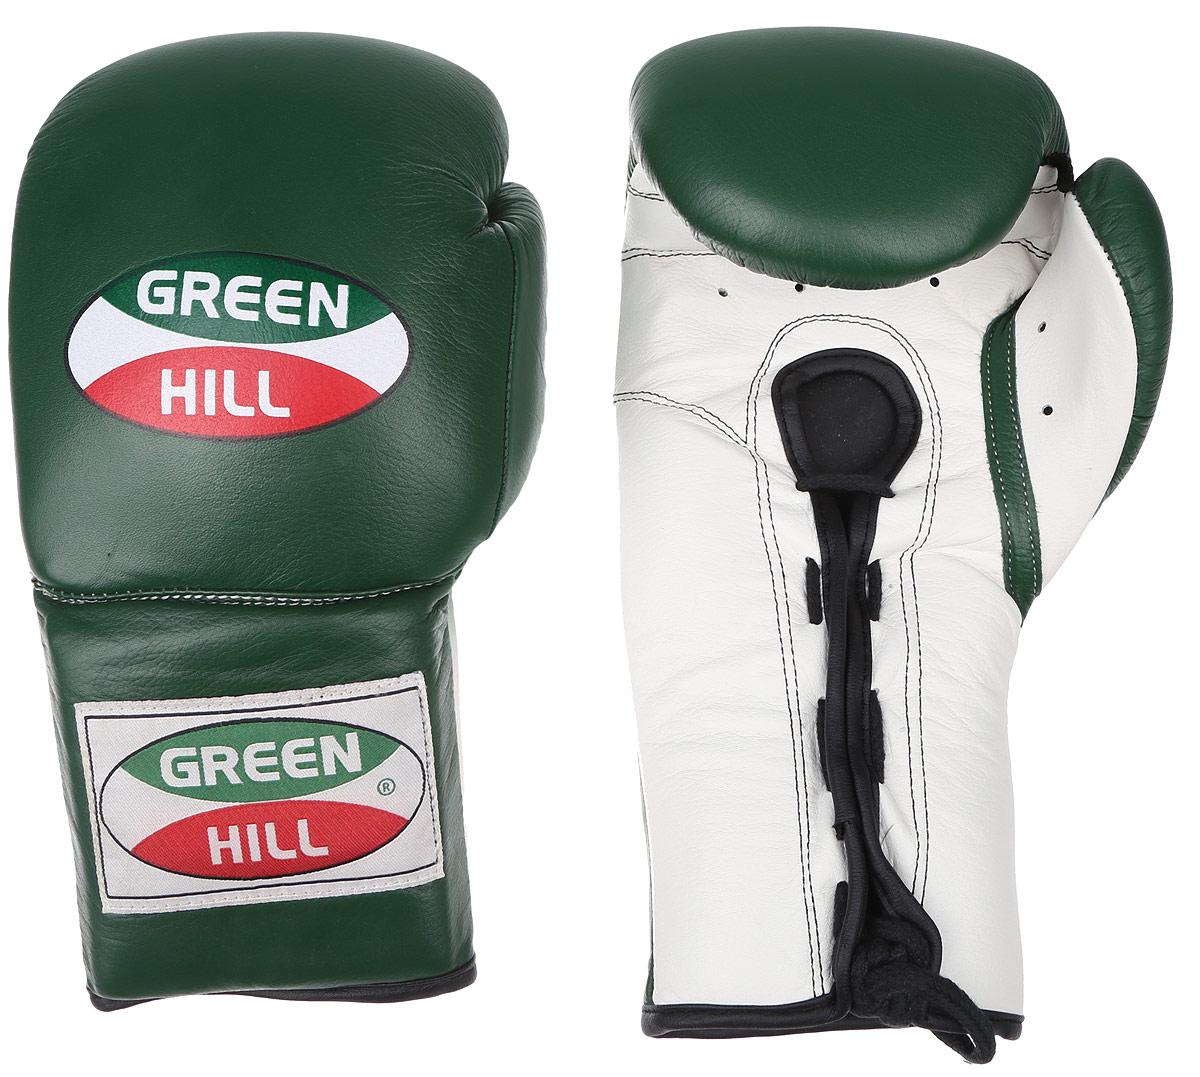 Перчатки боксерские Green Hill Proffi, цвет: зеленый, белый. Вес 14 унций. BGP-2014BGP-2014Боксерские перчатки Green Hill Proffi предназначены для использования профессионалами. Верх выполнен из натуральной кожи, наполнитель - из вспененного полимера. Отверстие в области ладони позволяет создать максимально комфортный терморежим во время занятий. Манжет на шнуровке способствует быстрому и удобному надеванию перчаток, плотно фиксирует перчатки на руке.